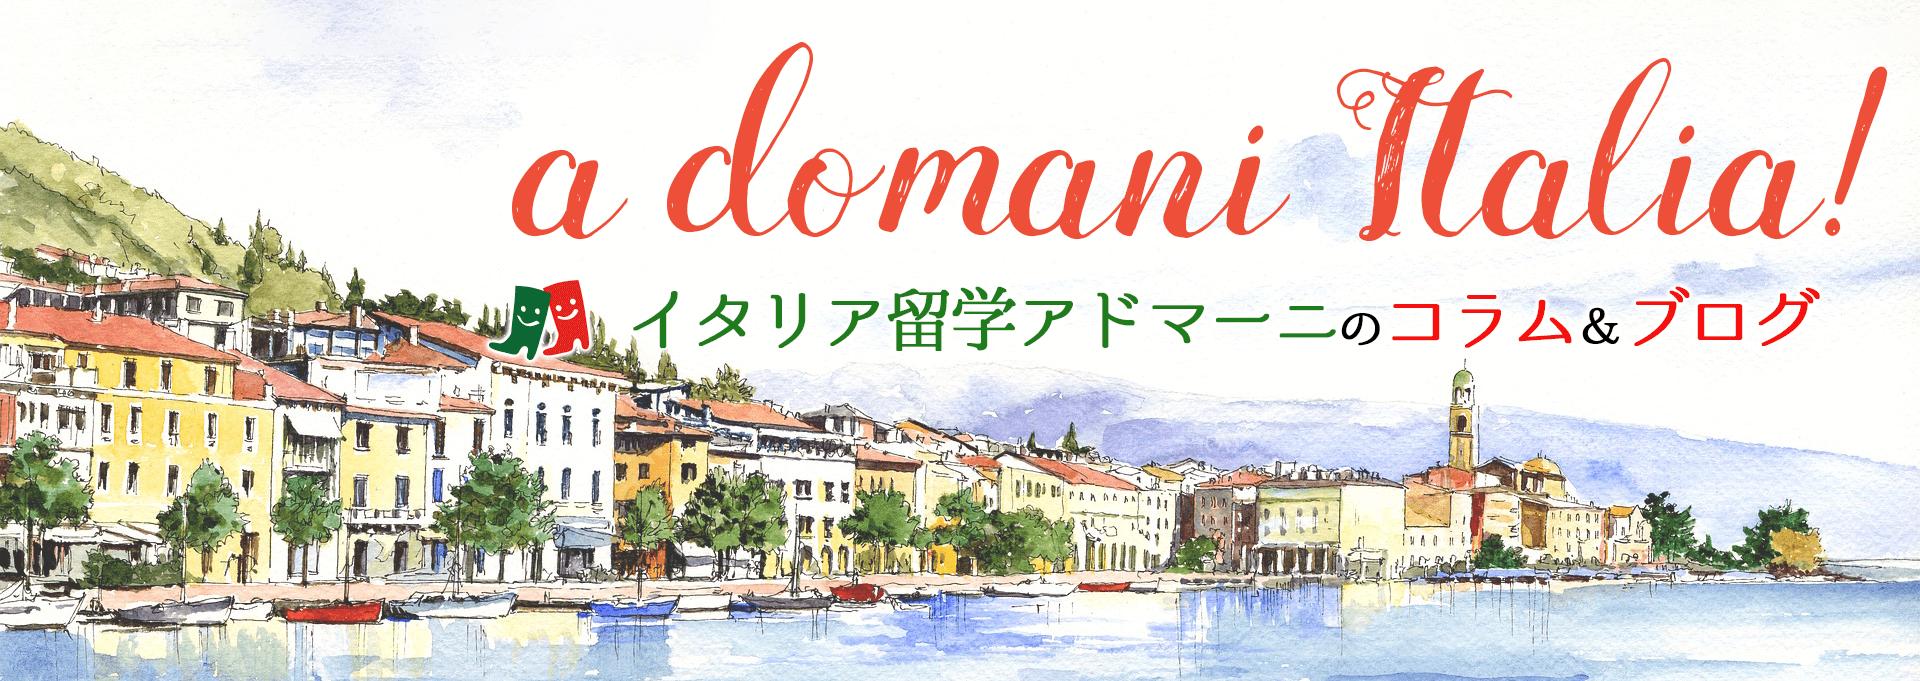 イタリア留学アドマーニのコラム&ブログ《a domani Italia!》